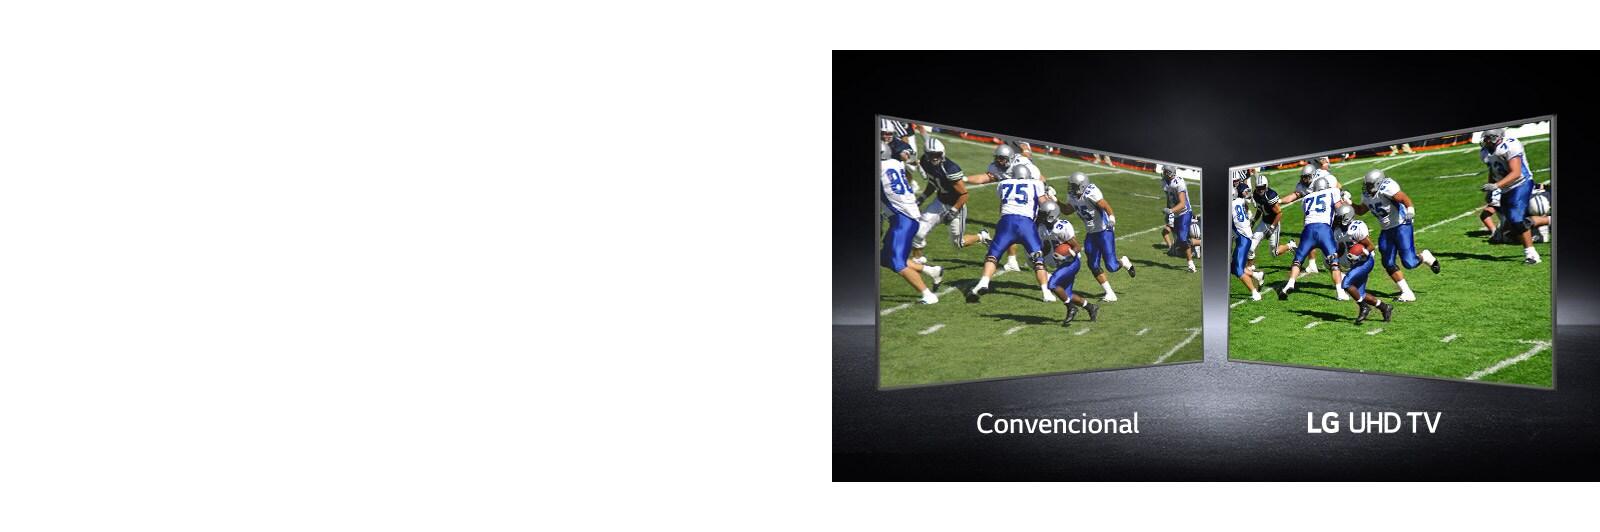 Una imagen de jugadores jugando en un campo de fútbol se muestra en las vistas. Una se muestra en una pantalla convencional y la otra en una TV UHD.